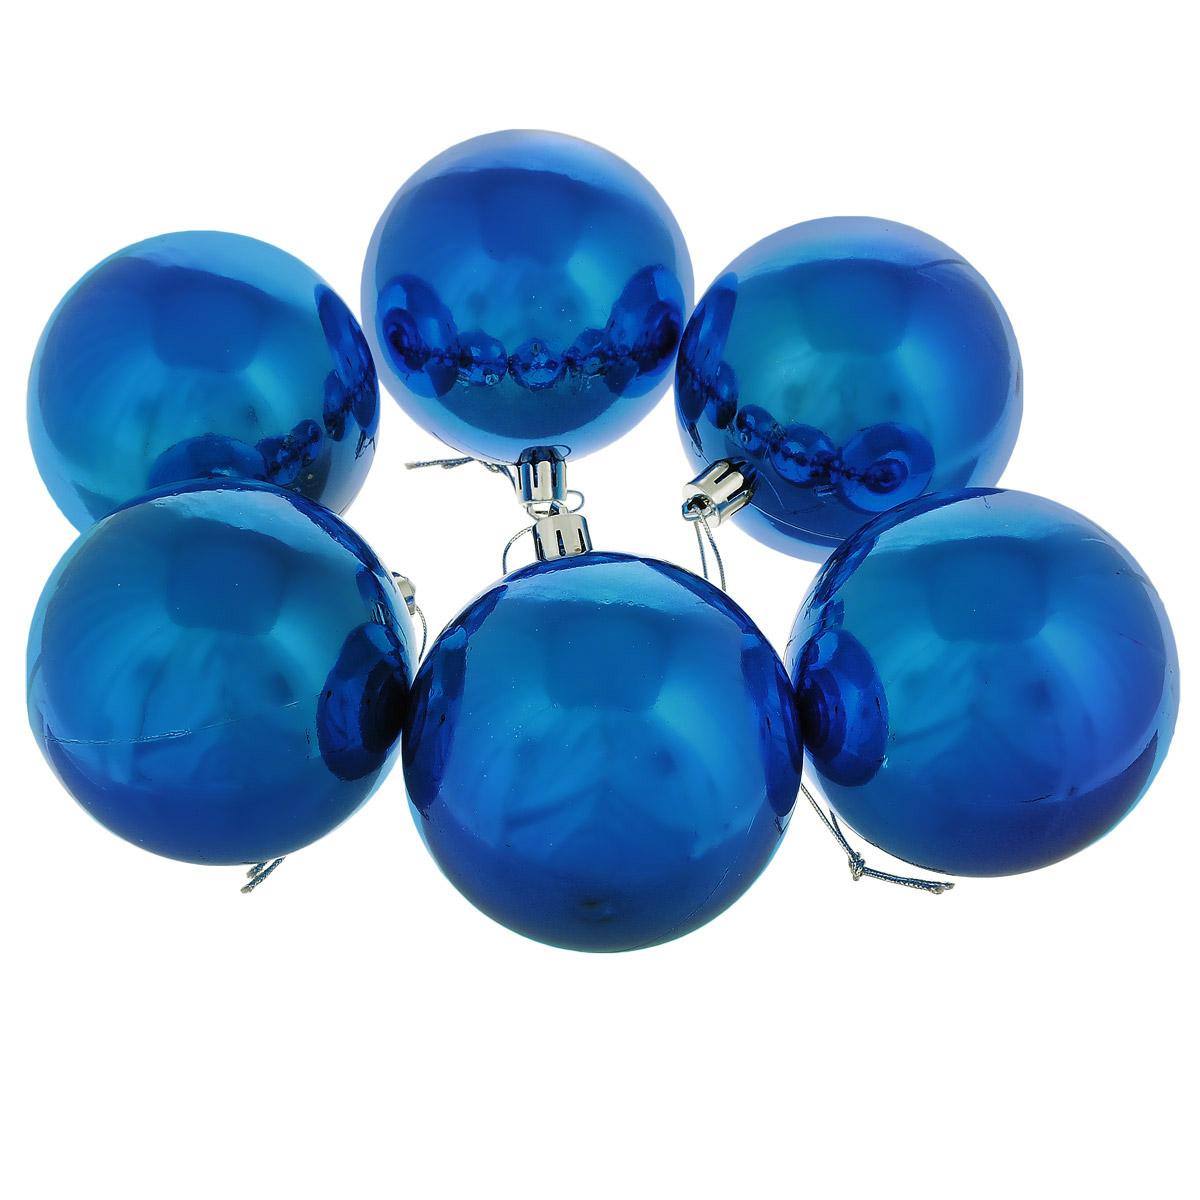 Набор новогодних подвесных украшений Sima-land Шар, цвет: синий, диаметр 8 см, 6 шт. 735668735668Набор новогодних подвесных украшений выполнен из высококачественного пластика в форме шаров. С помощью специальной петельки украшение можно повесить в любом понравившемся вам месте. Но, конечно, удачнее всего такой набор будет смотреться на праздничной елке.Елочная игрушка - символ Нового года. Она несет в себе волшебство и красоту праздника. Создайте в своем доме атмосферу веселья и радости, украшая новогоднюю елку нарядными игрушками, которые будут из года в год накапливать теплоту воспоминаний.